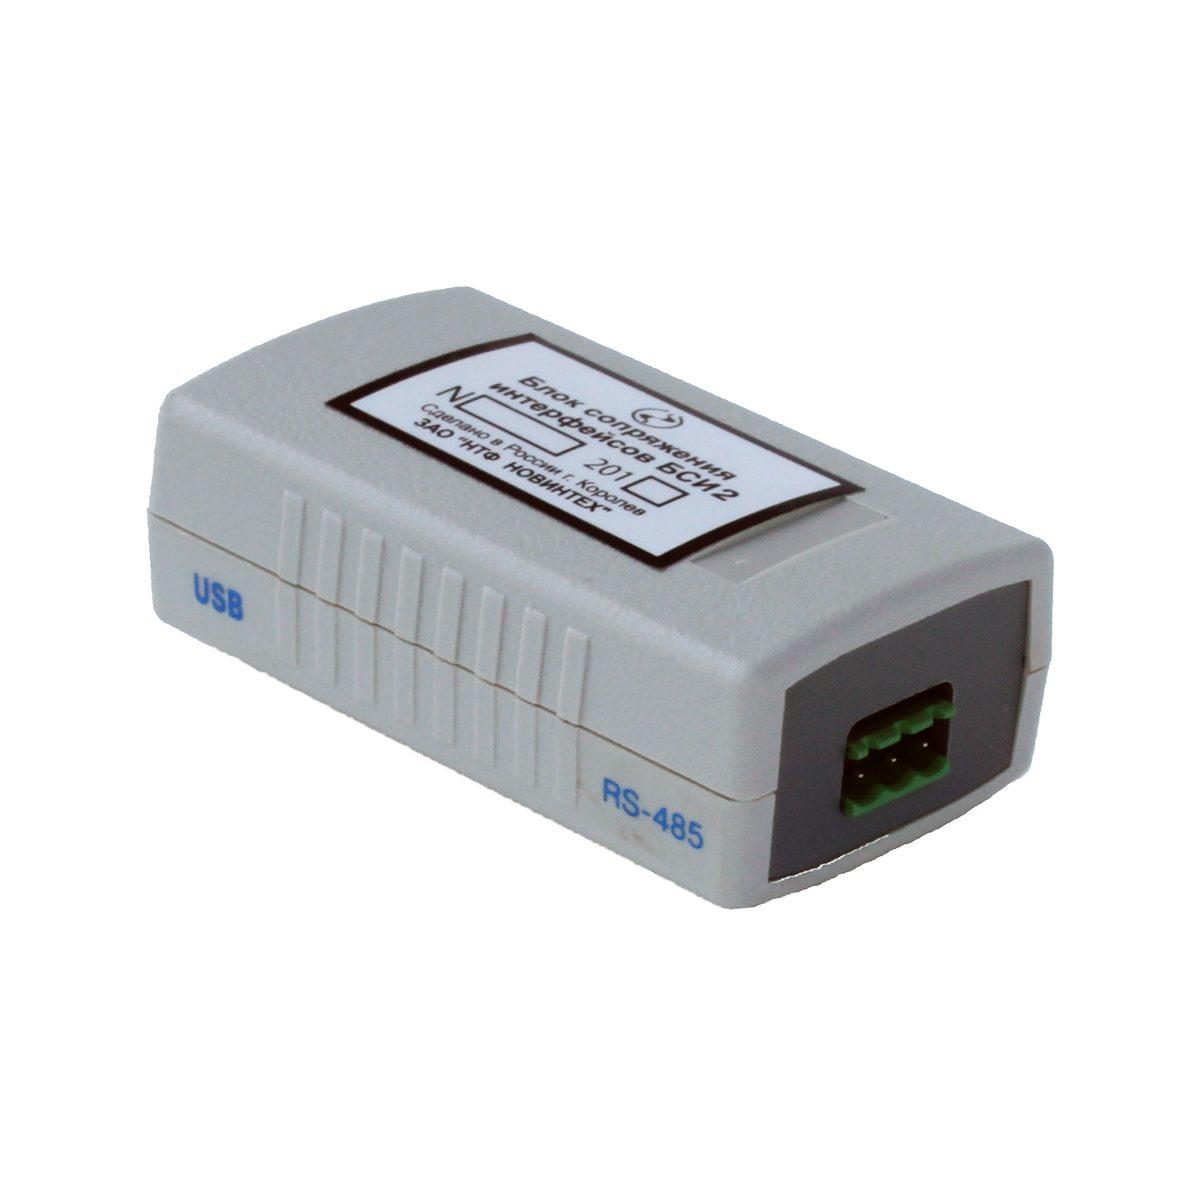 Конвертор (БСИ2) RS-485/USB